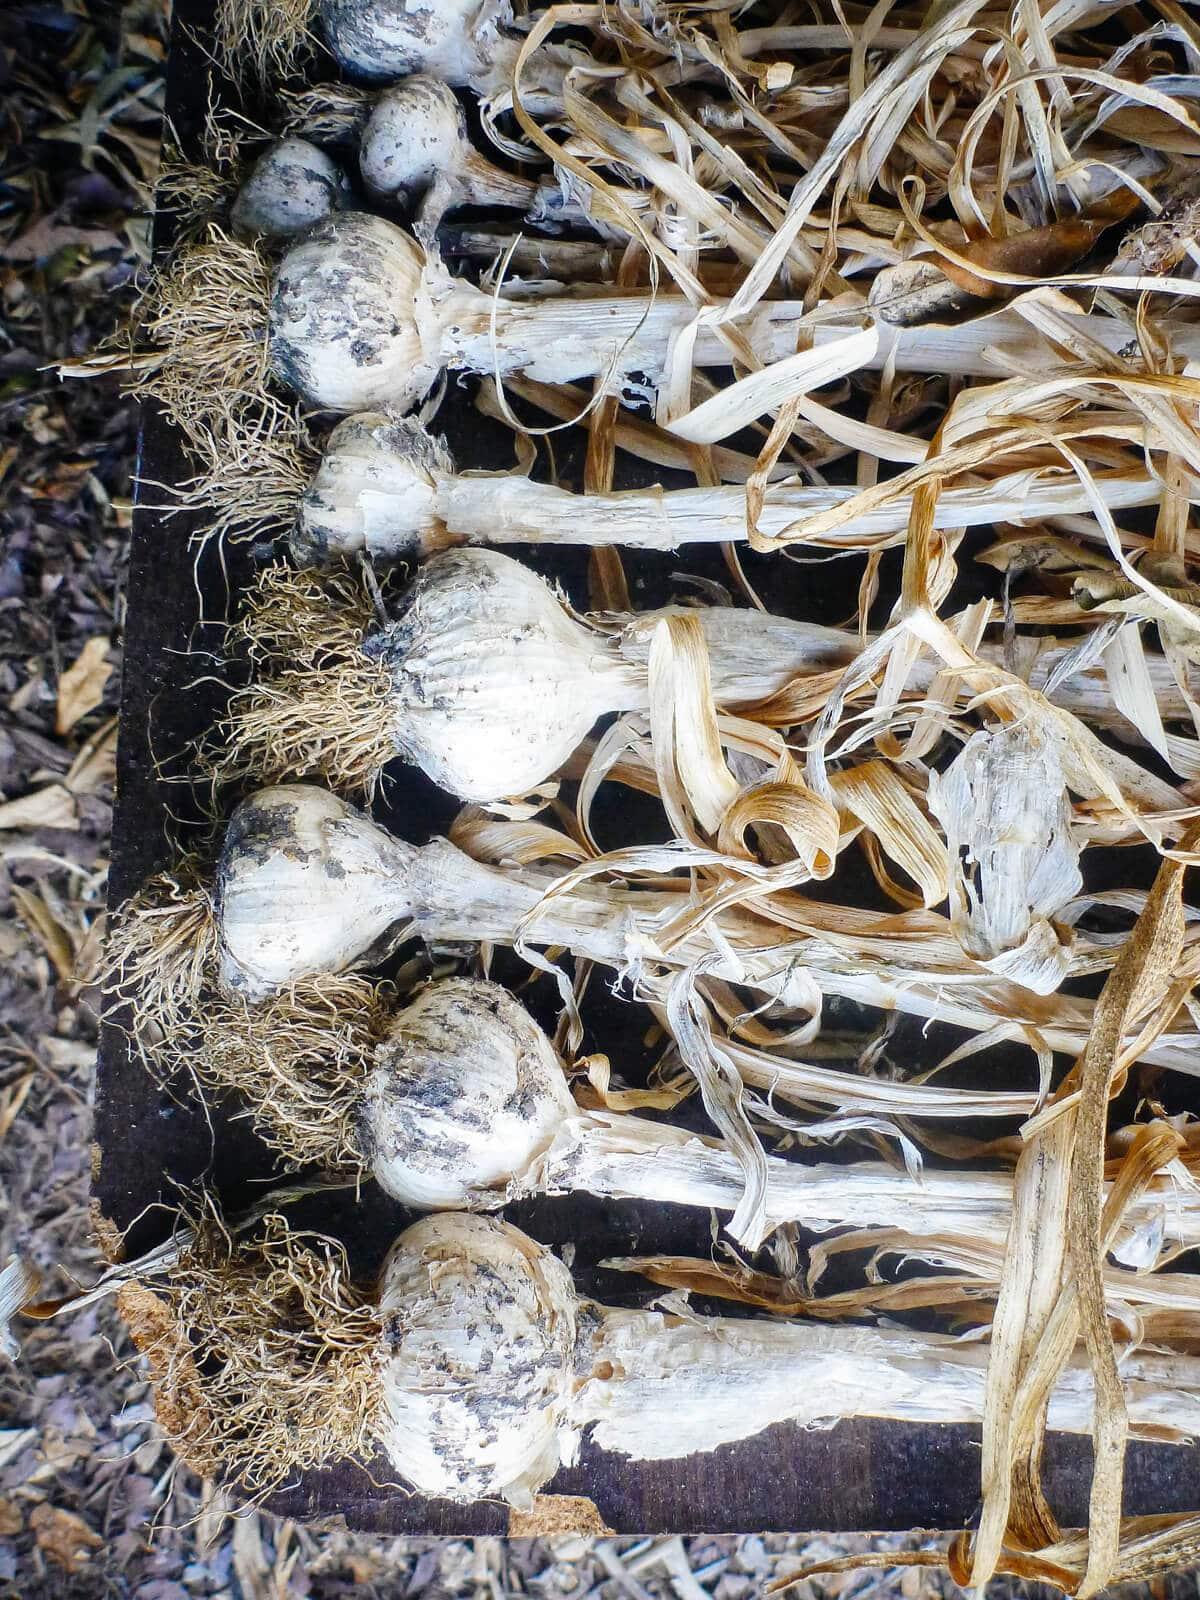 Garlic harvest being dried in preparation for storage